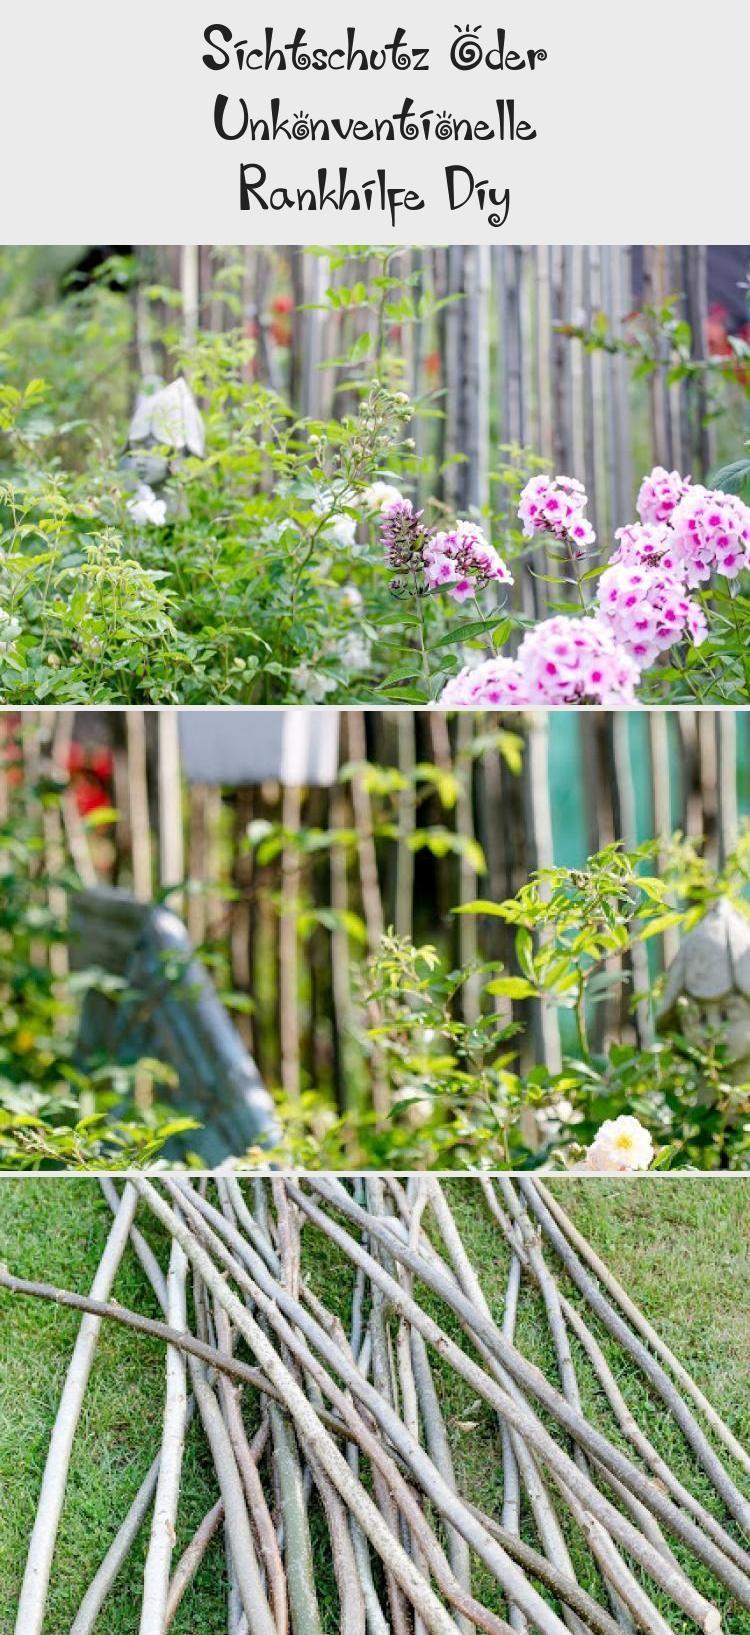 Sichtschutz Oder Unkonventionelle Rankhilfe Diy Plants Garden Diy